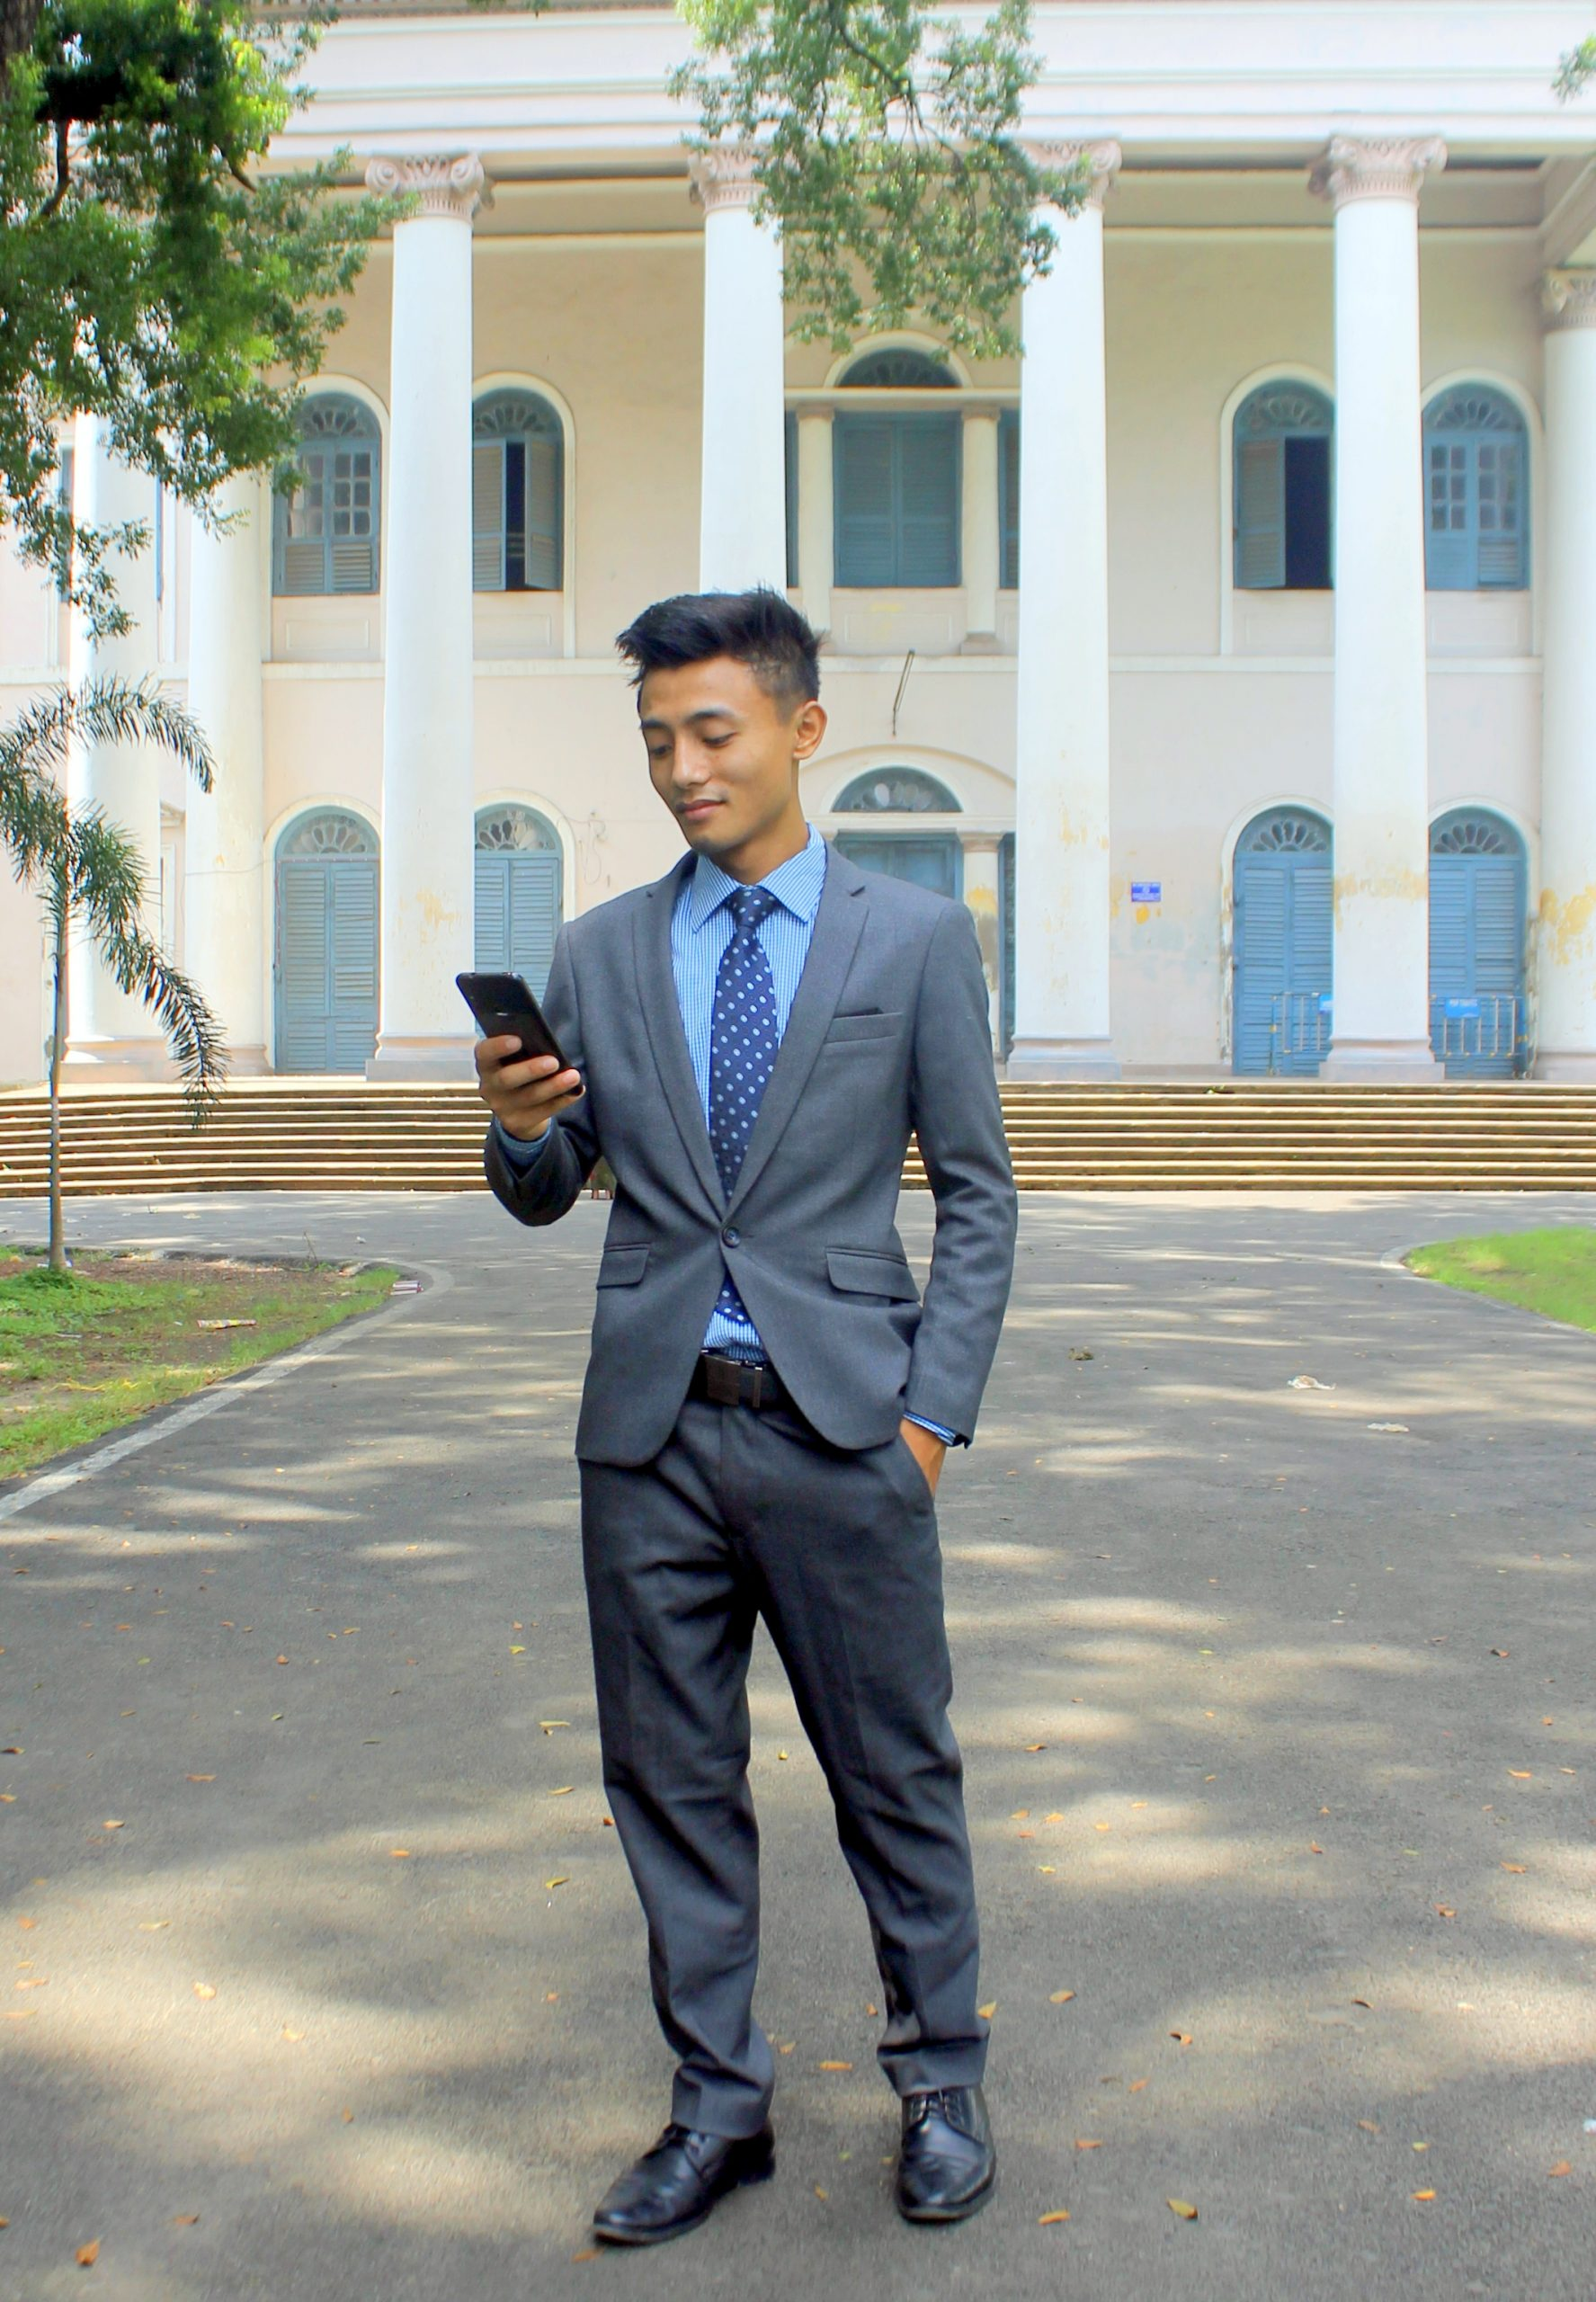 Male model posing in formal dress